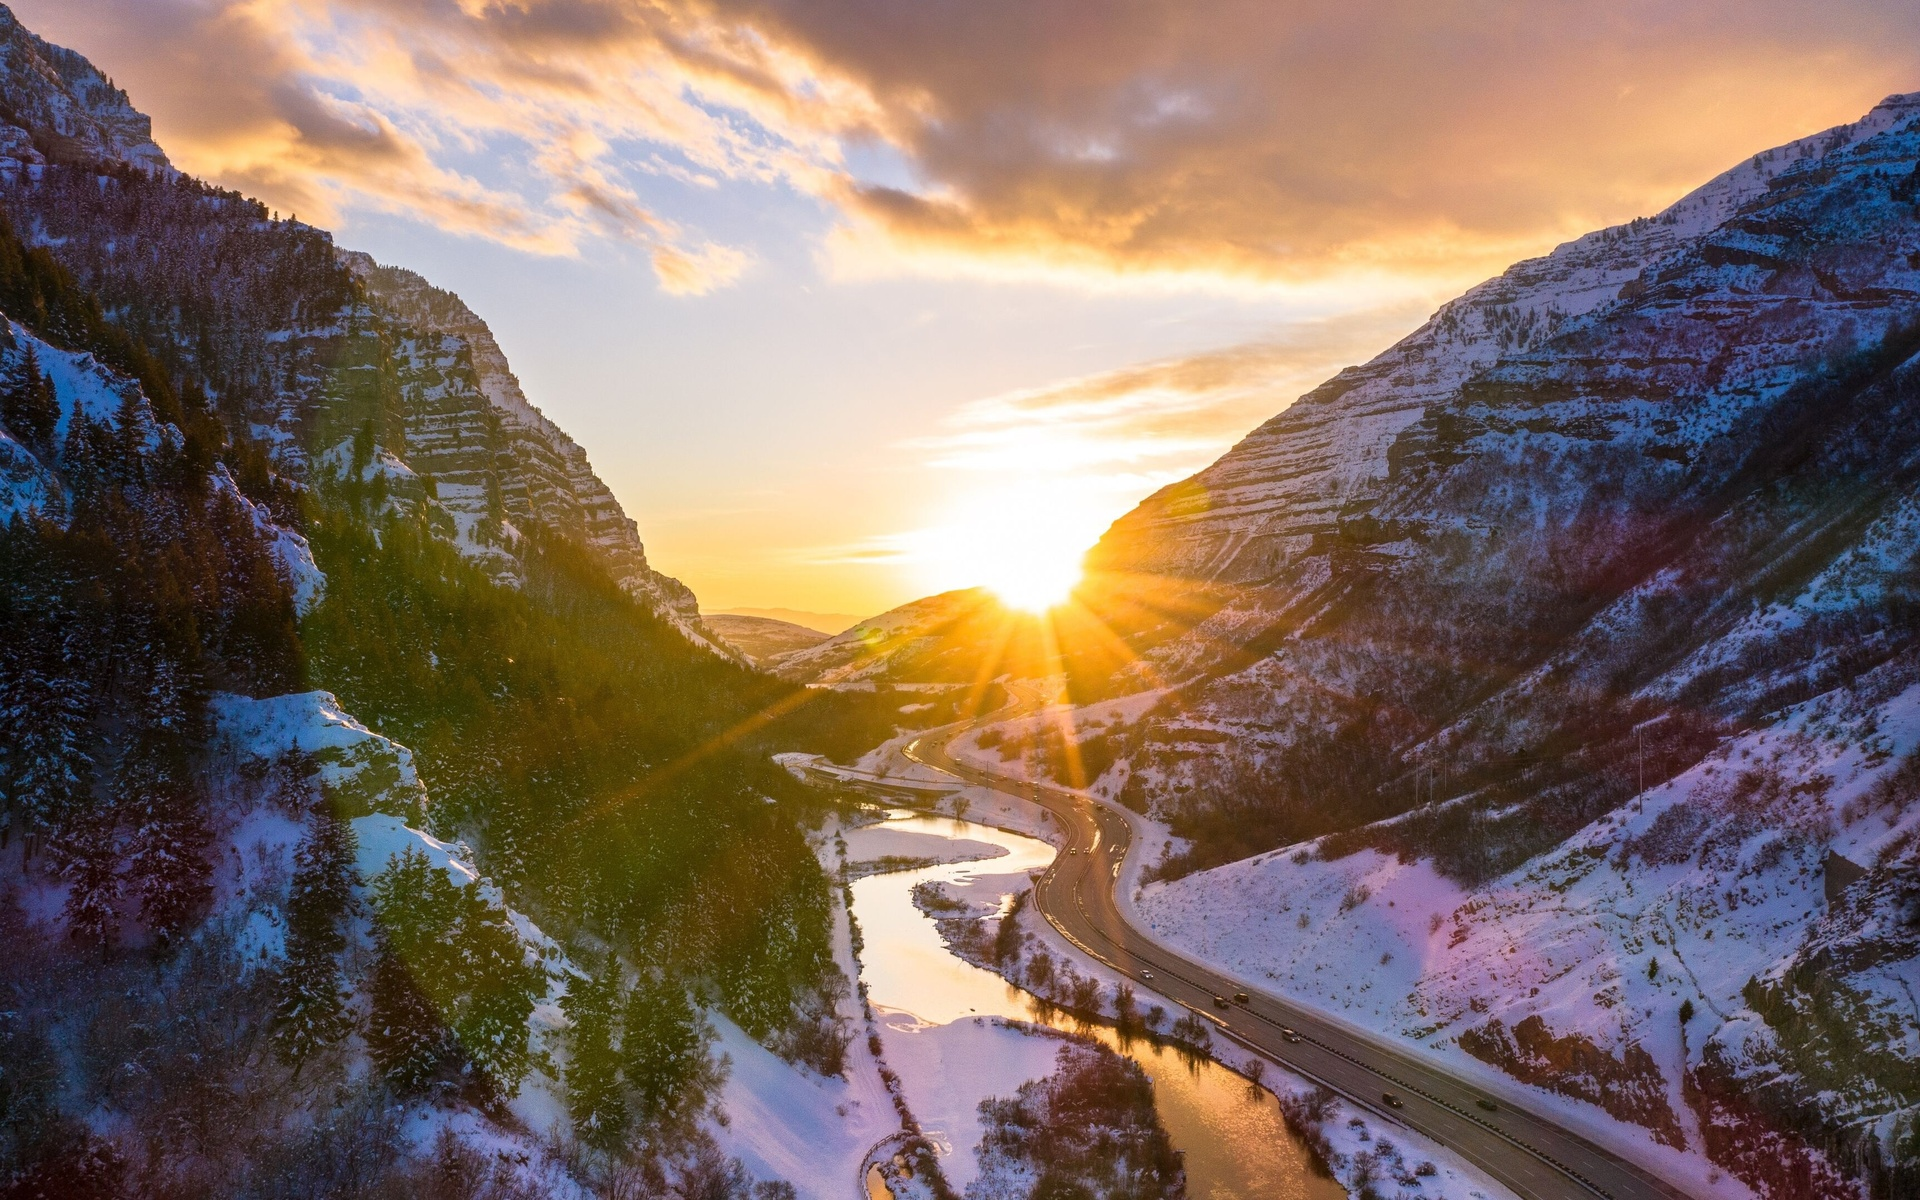 каньон, скала, солнце